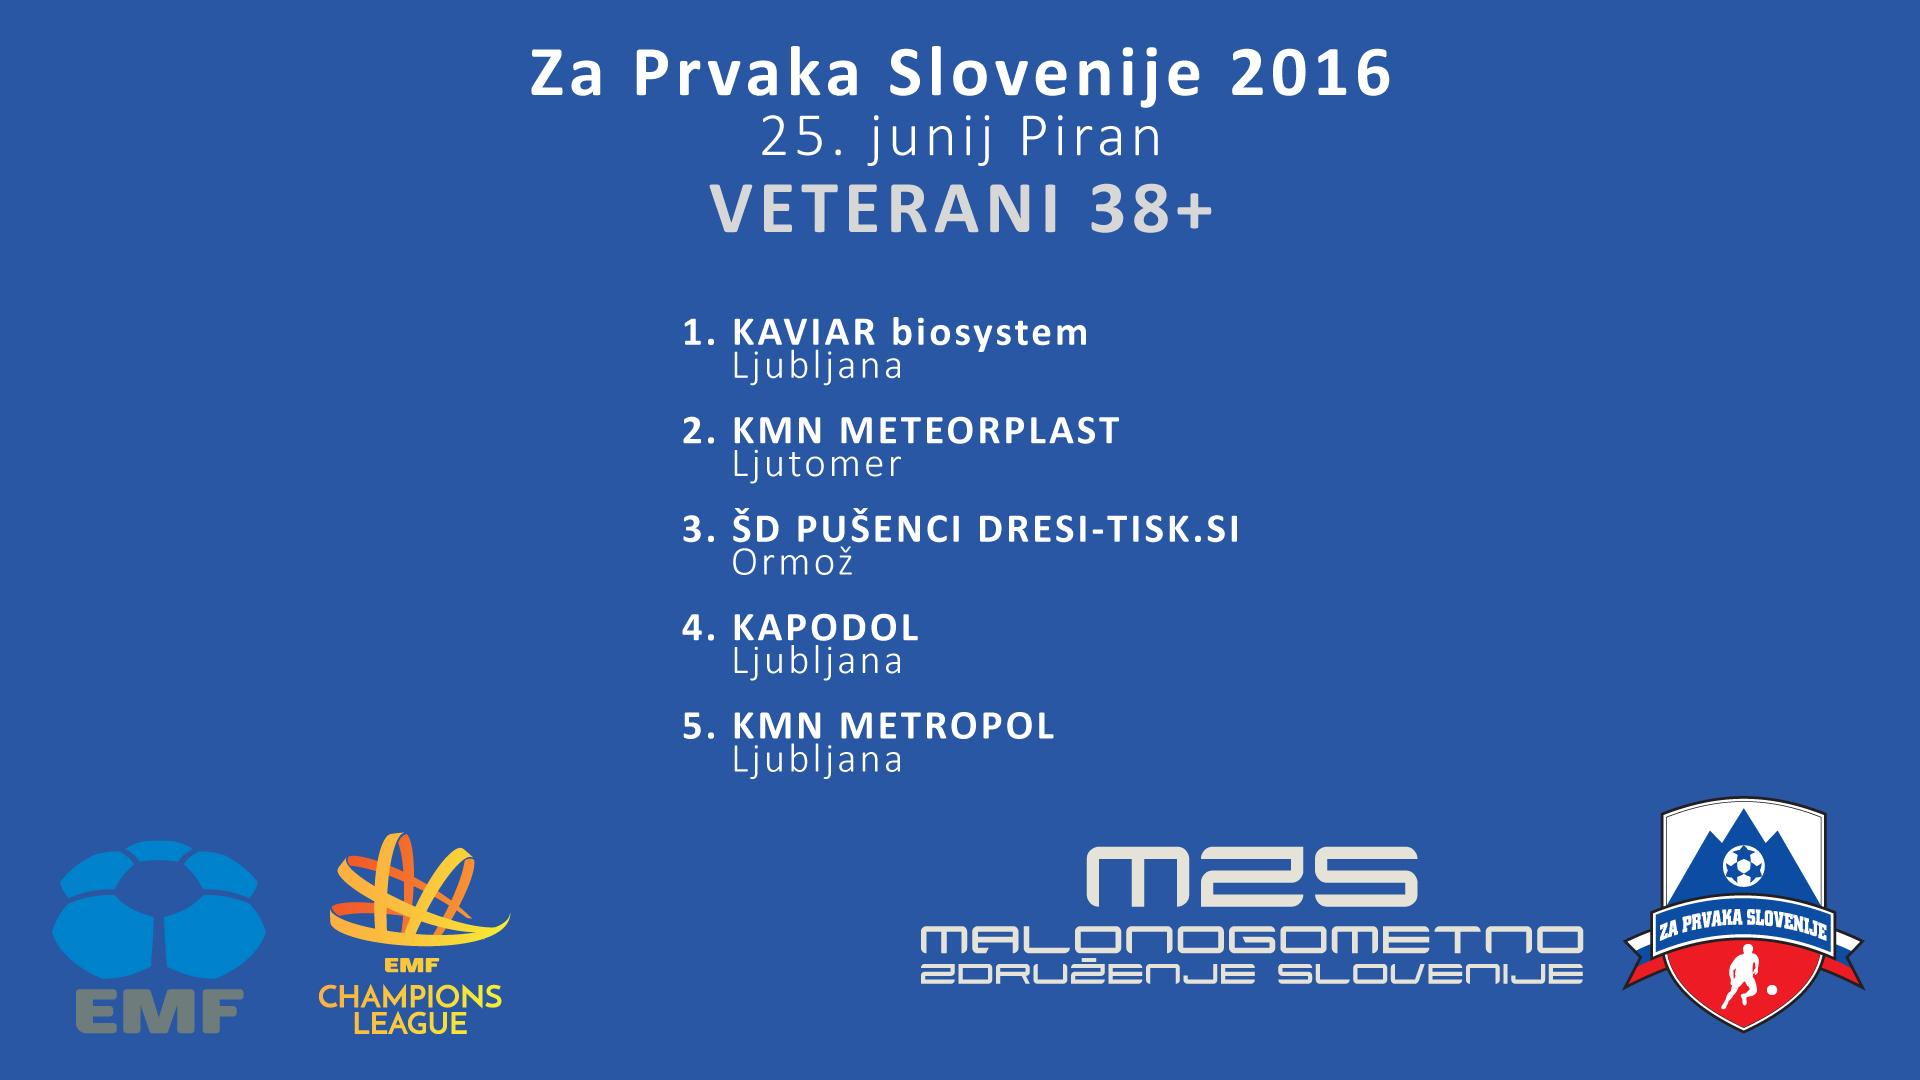 Za Prvaka Slovenije 2016 VETERANI 38+